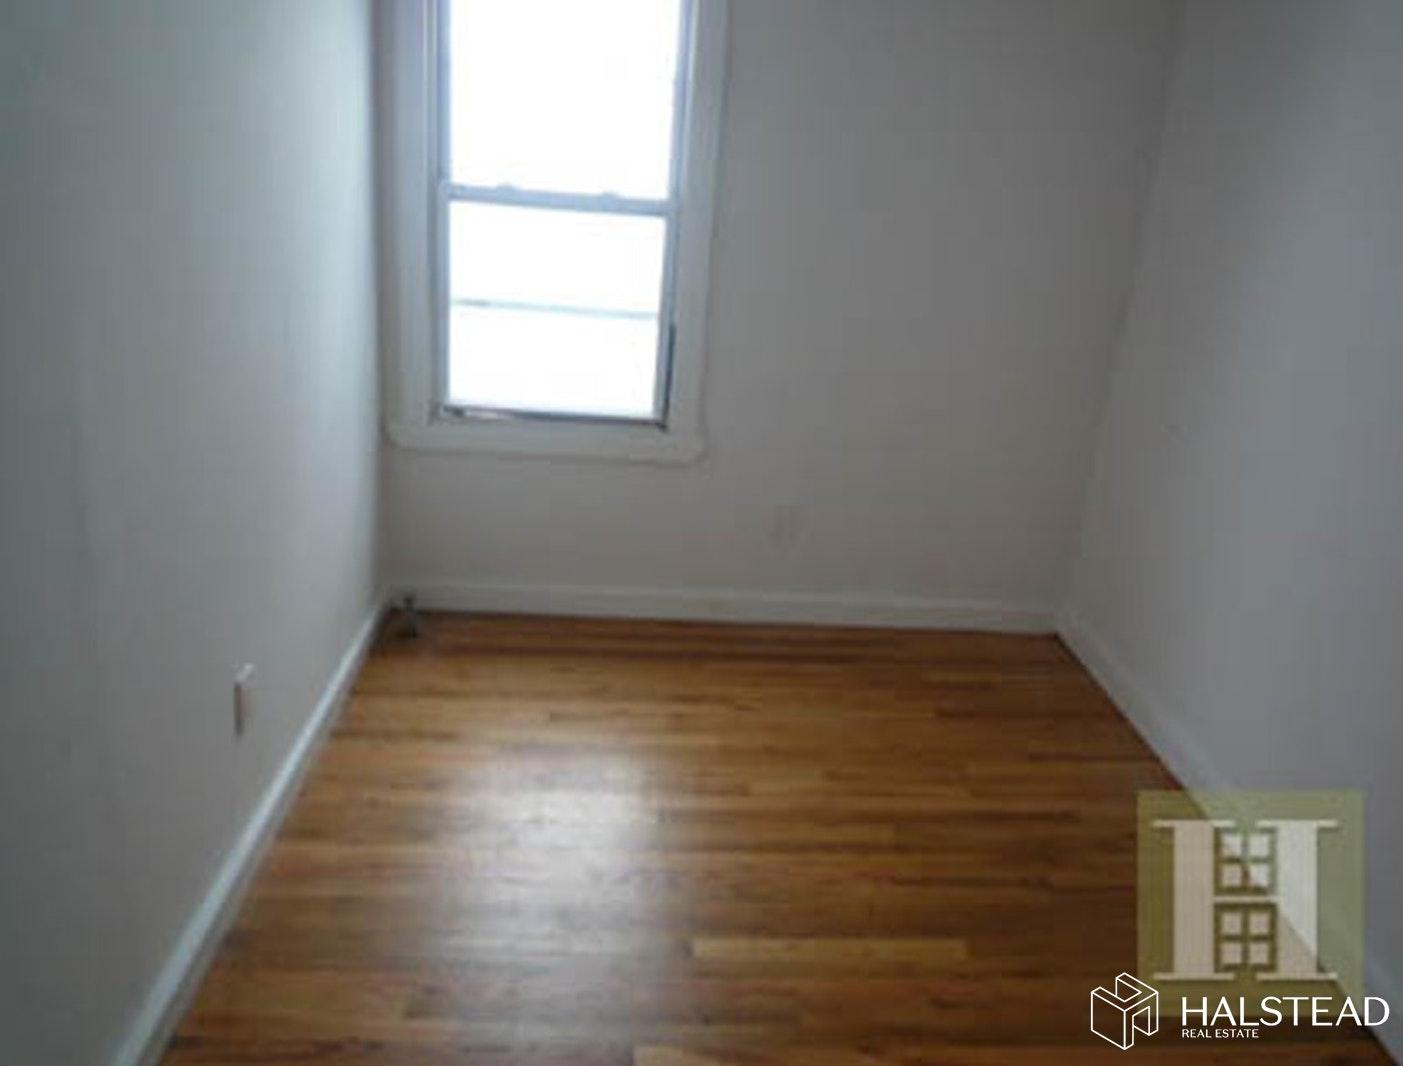 412 EAST 9TH STREET 19, East Village, $3,350, Web #: 19724802